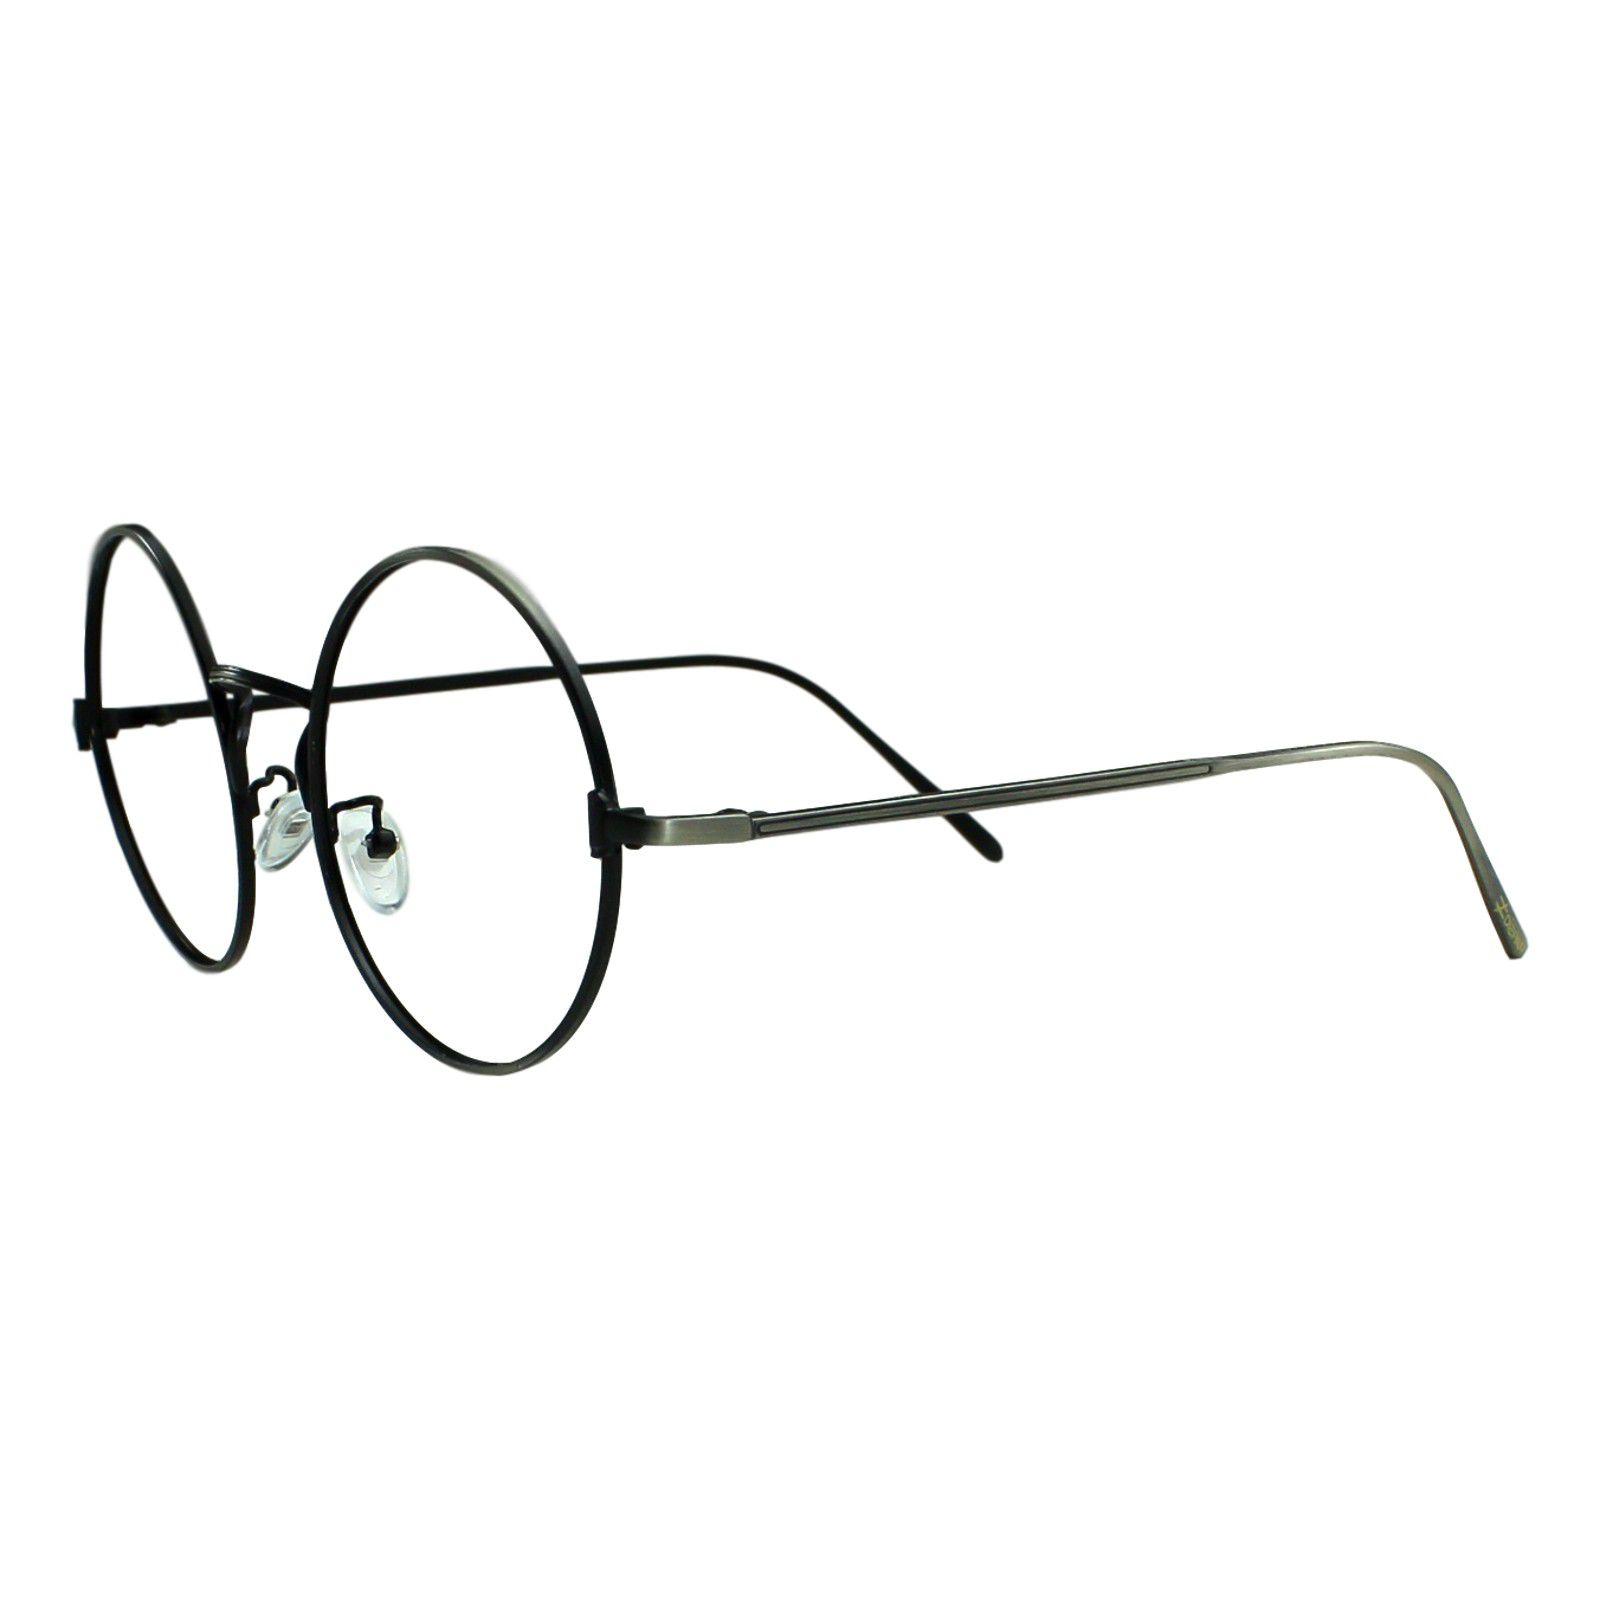 Armação para Óculos Díspar D1881 Redondo Grande Chumbo - Díspar Style ... 8d4d51770f